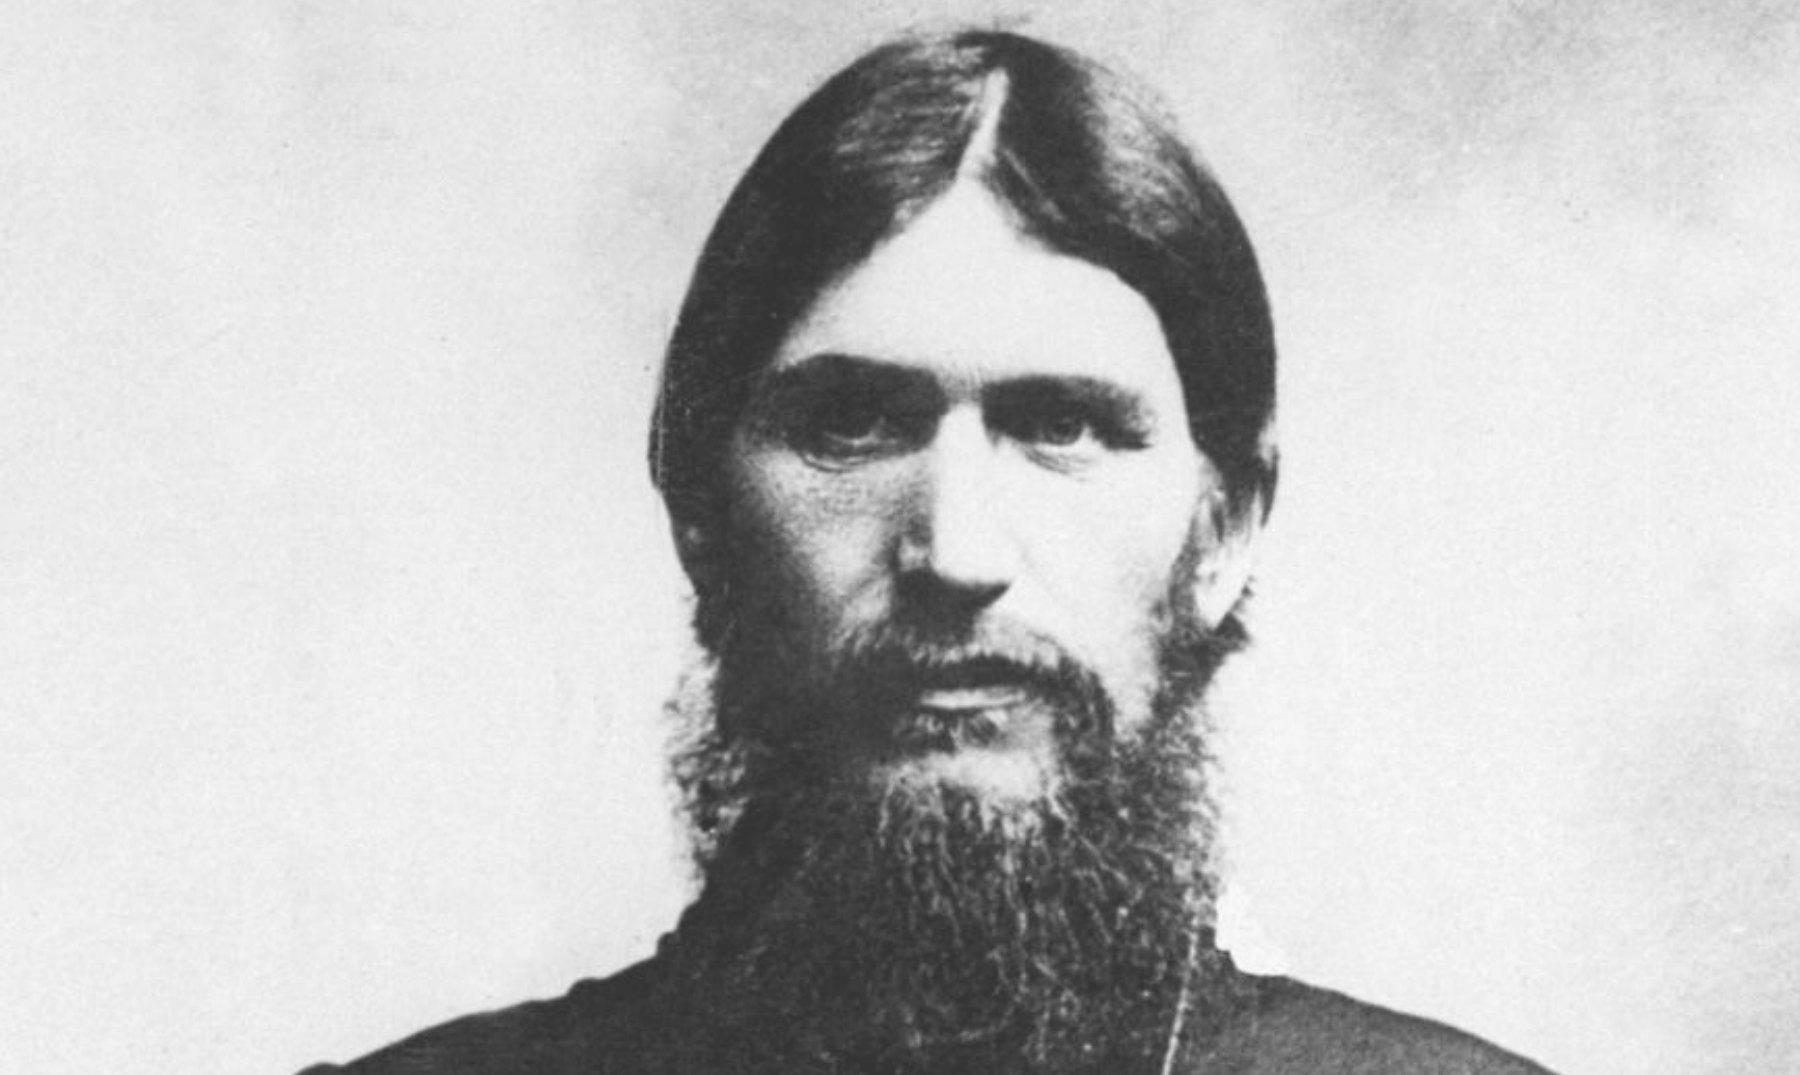 La verdadera muerte de Rasputín